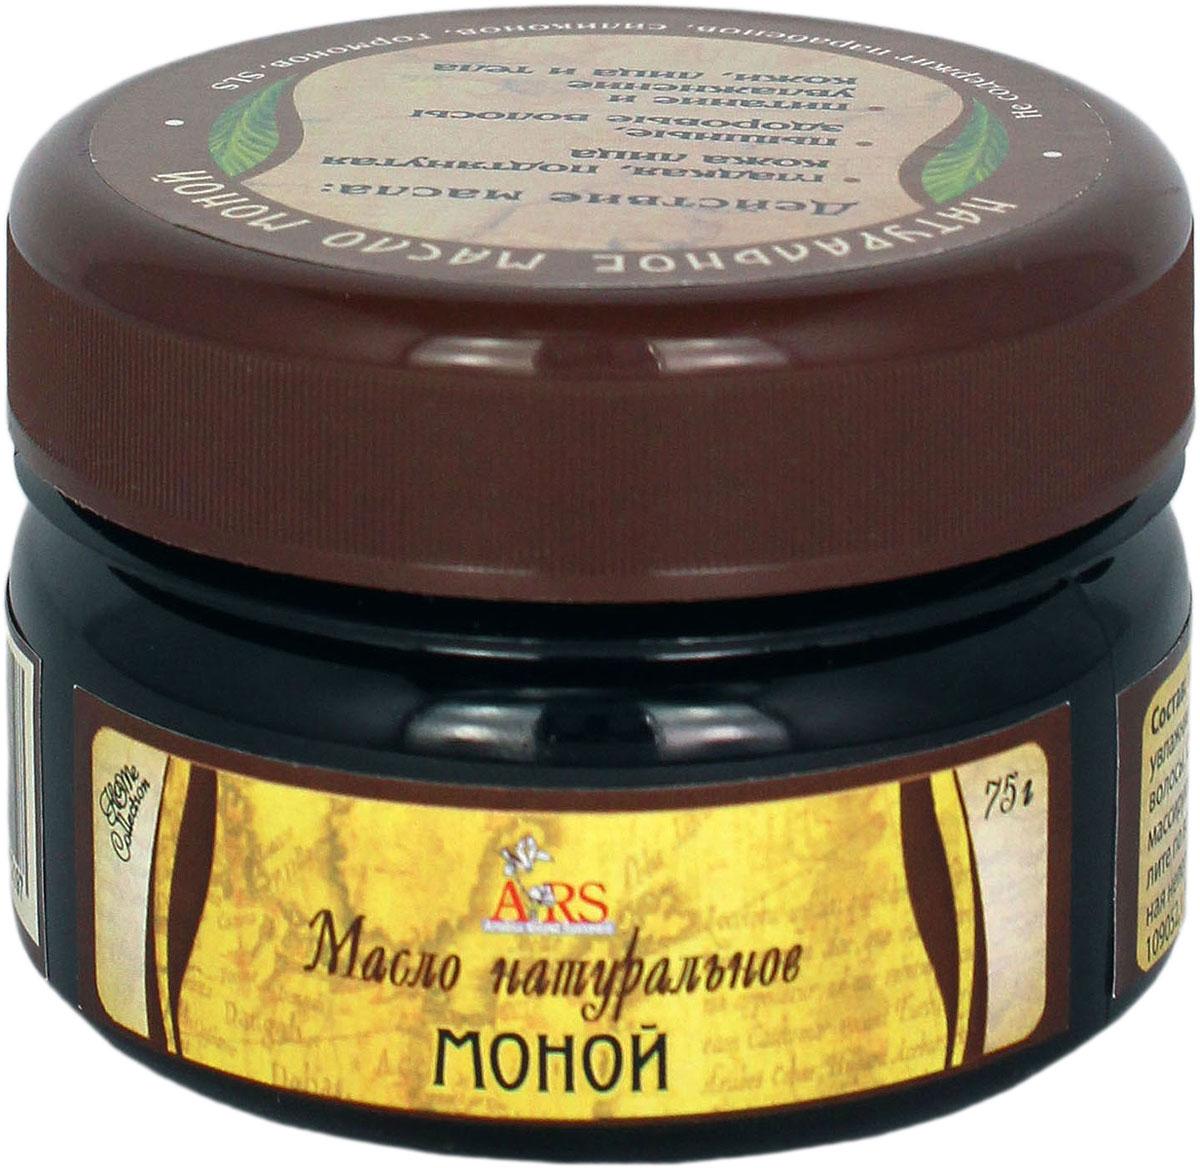 ARS Масло натуральное Моной, 75 г (ARS/АРС)